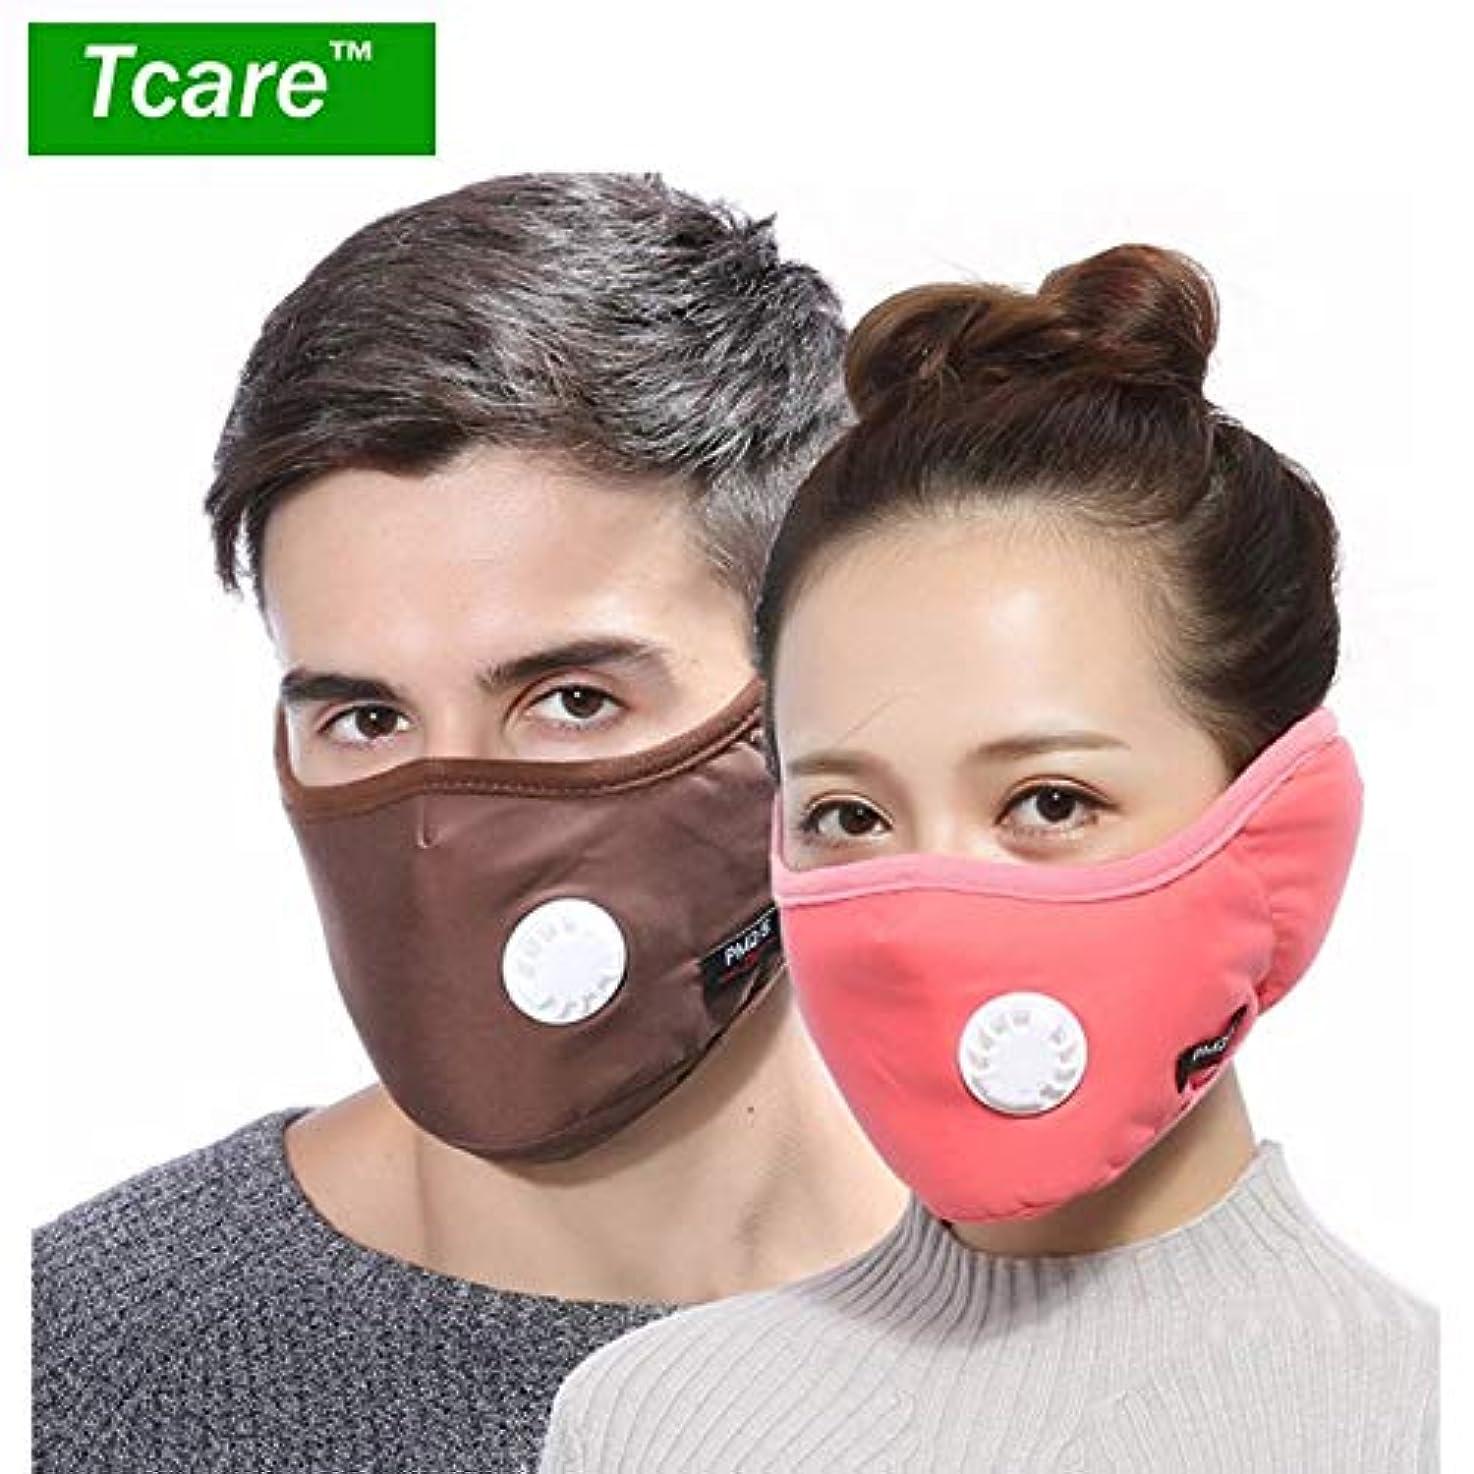 鉄道収益メキシコ8ダークピンク:1 PM2.5マスクバルブコットンアンチダスト口マスクの冬のイヤーマフActtedフィルター付マスクでTcare 2